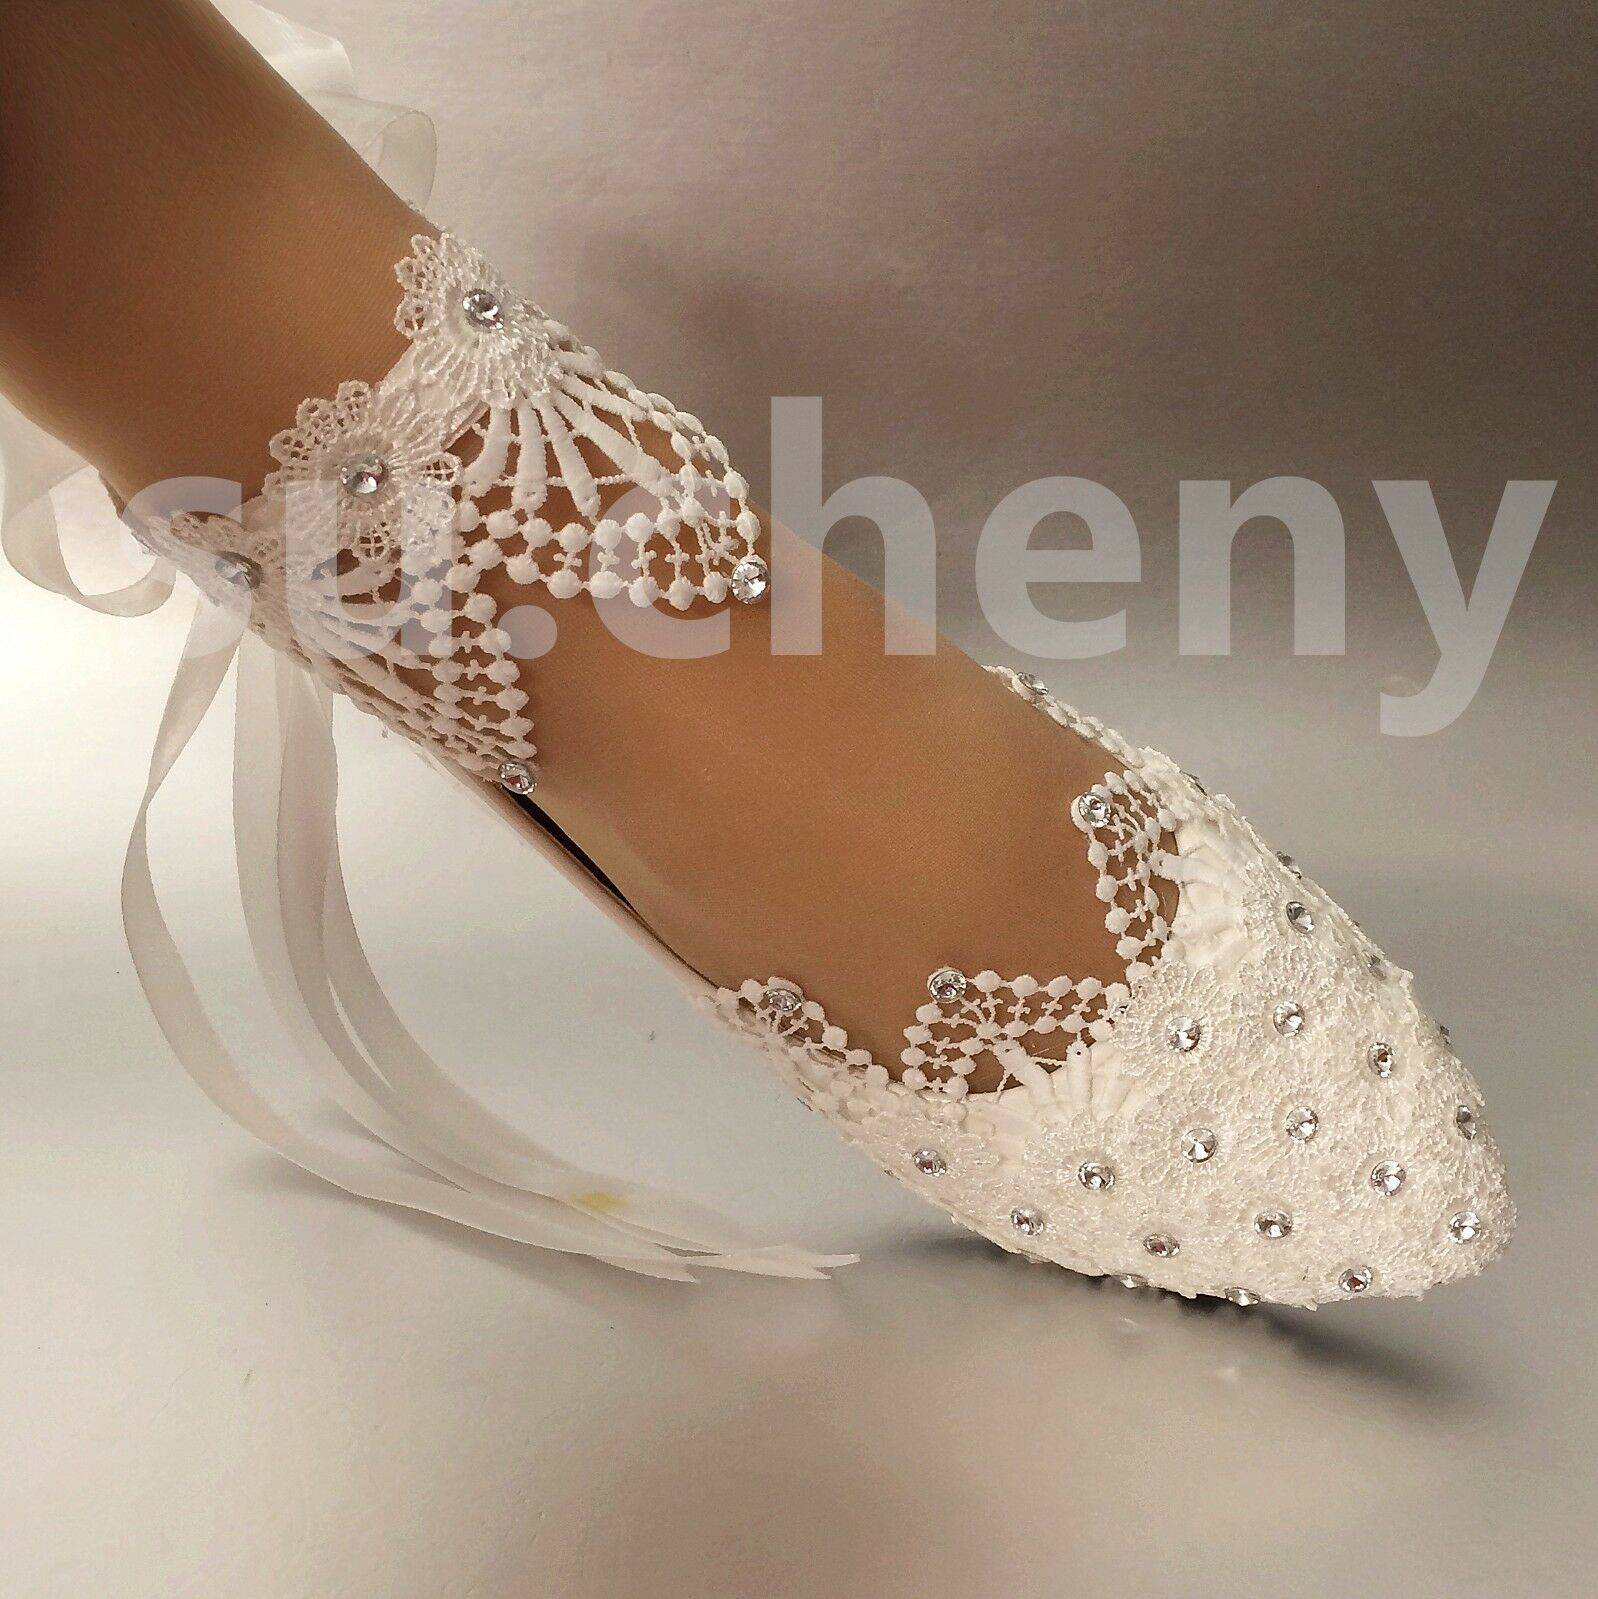 Su.cheny Weißes Licht Elfenbein Spitze Perle Strass Knöchel Flach    | Elegant und feierlich  | ein guter Ruf in der Welt  | Online-Exportgeschäft  d311f2